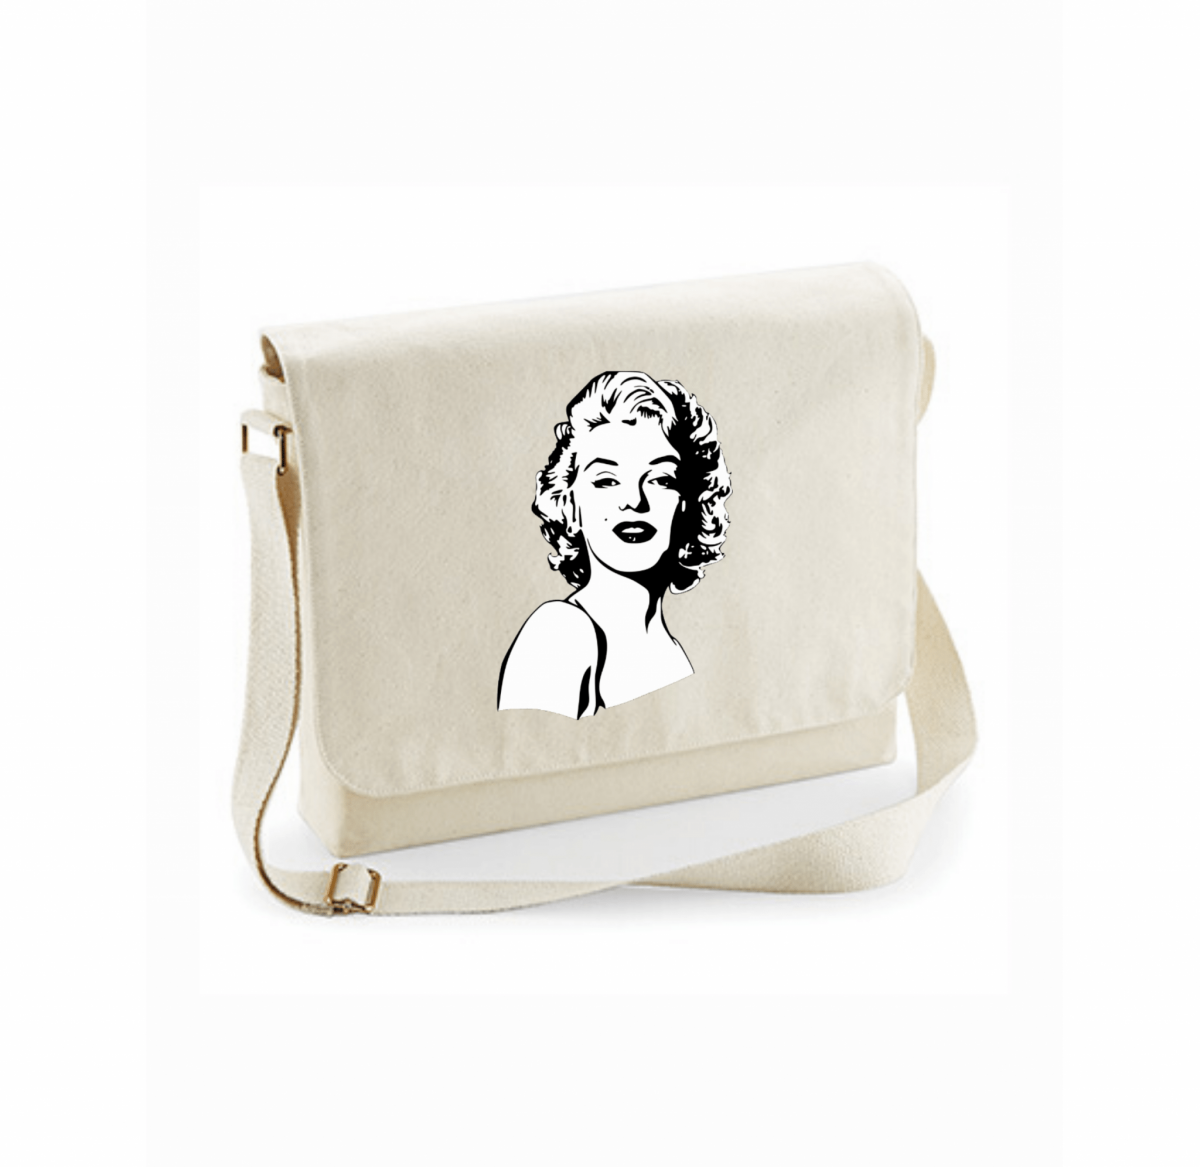 Sacoche - Portrait de Marilyn Monroe